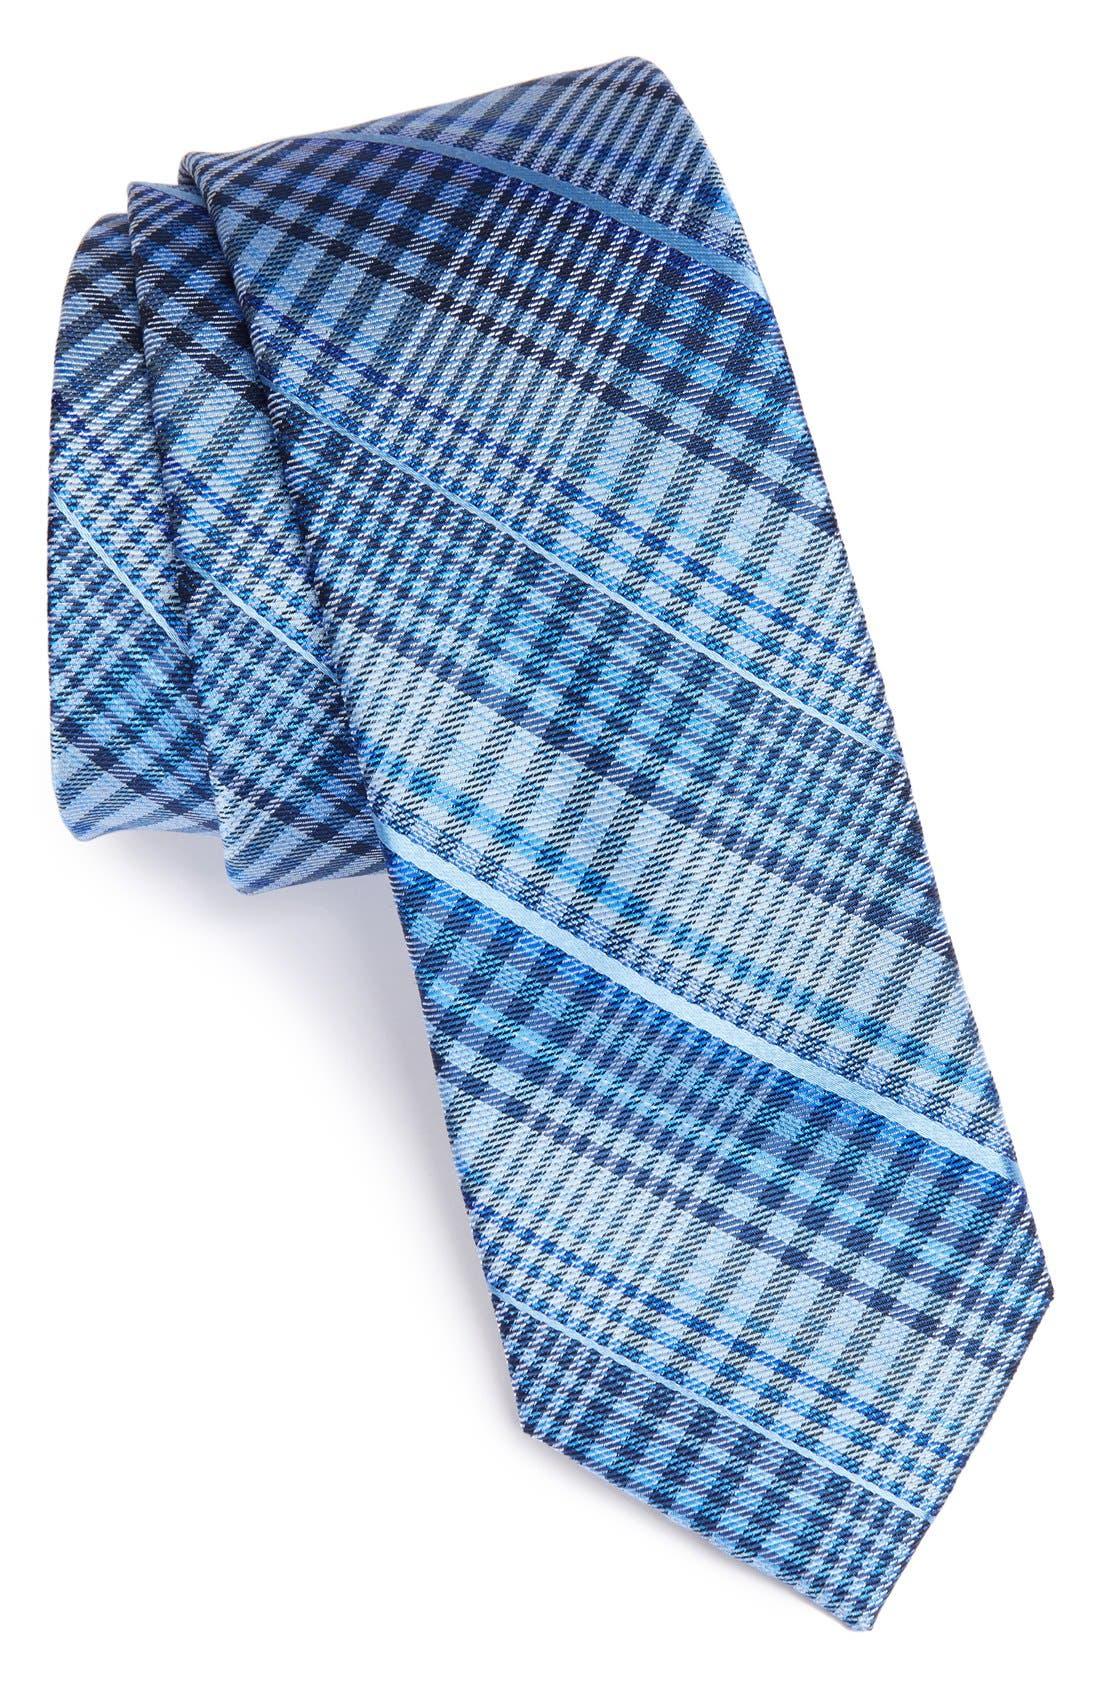 'Davis' Woven Silk Tie,                             Main thumbnail 1, color,                             410